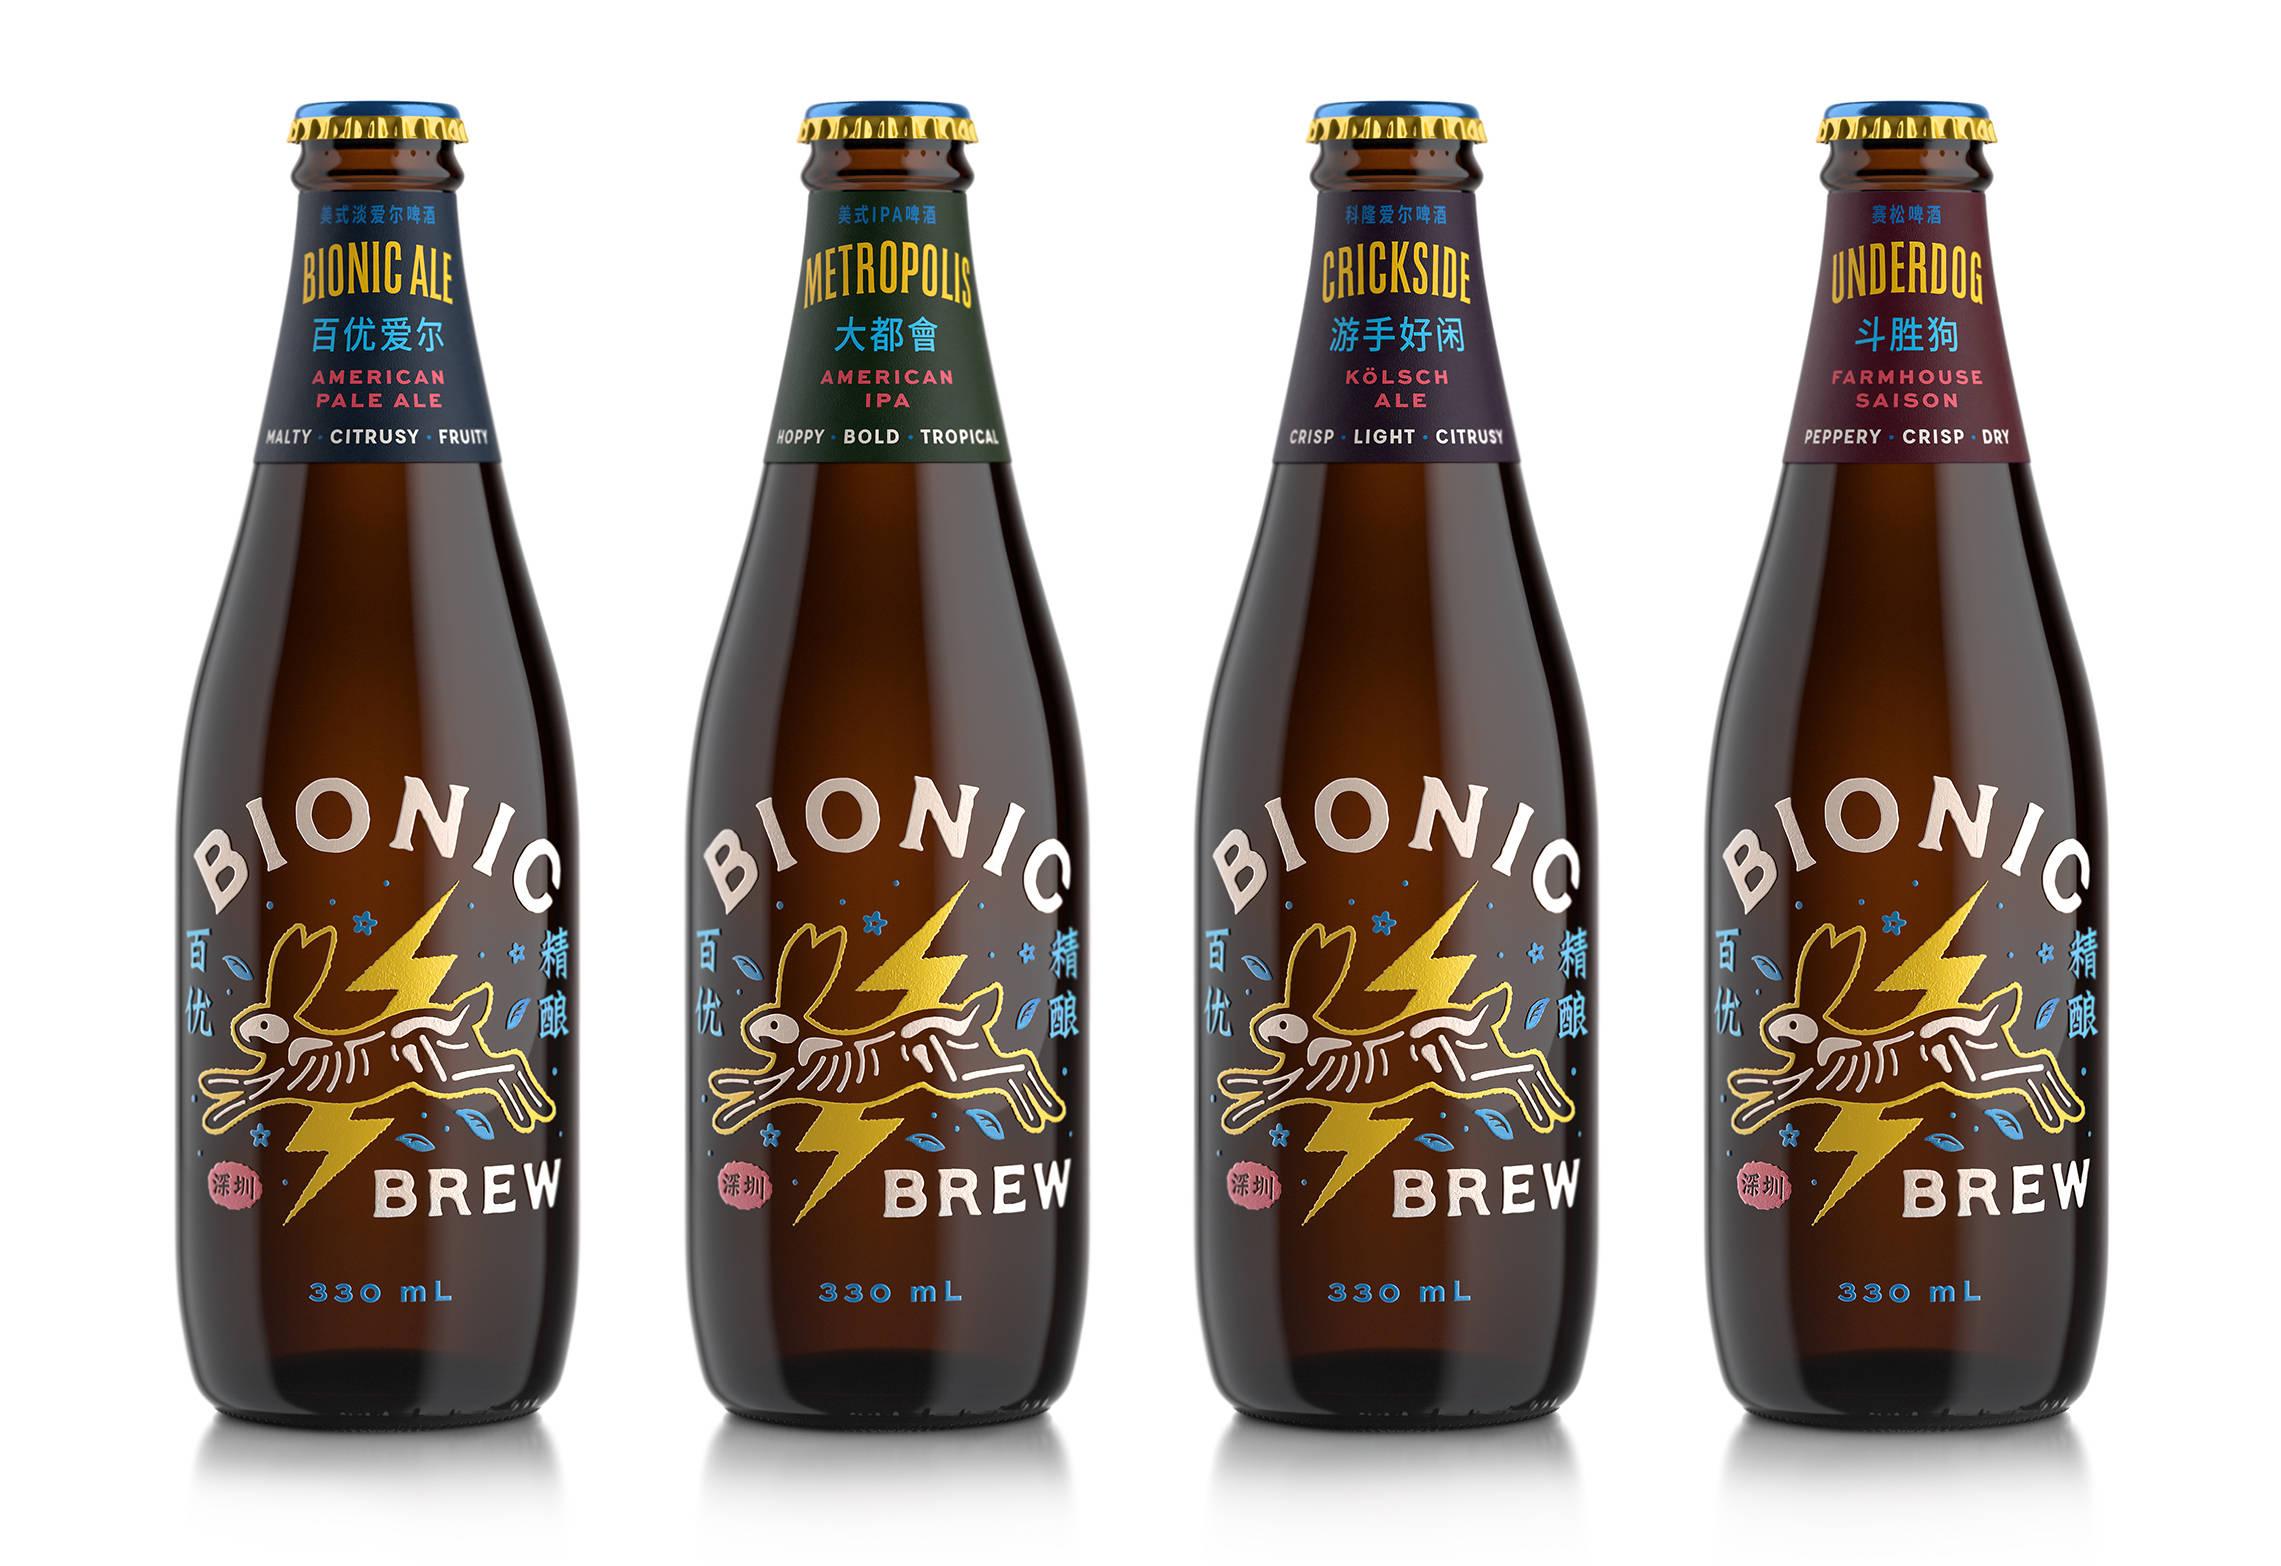 Beer & Branding: Bionic Brew China